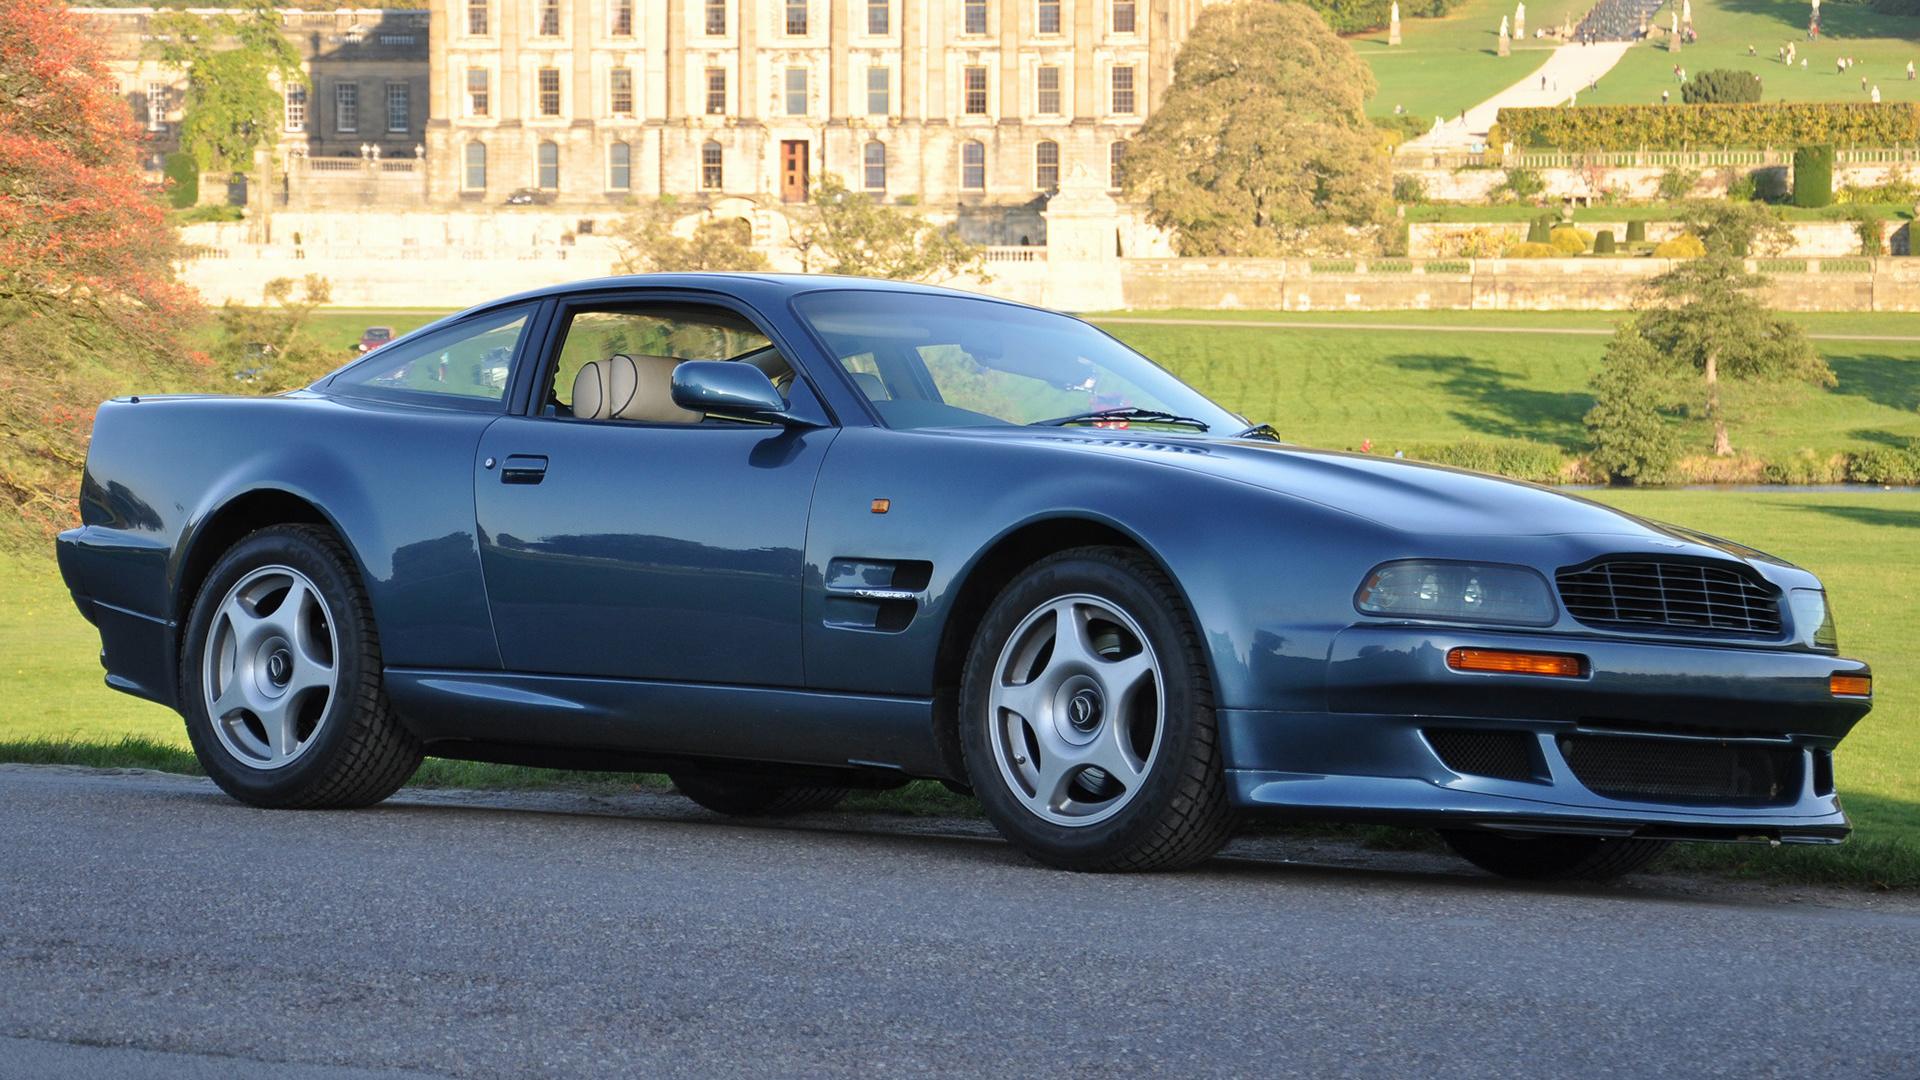 1998 Aston Martin V8 Vantage V600 Uk Wallpapers And Hd Images Car Pixel